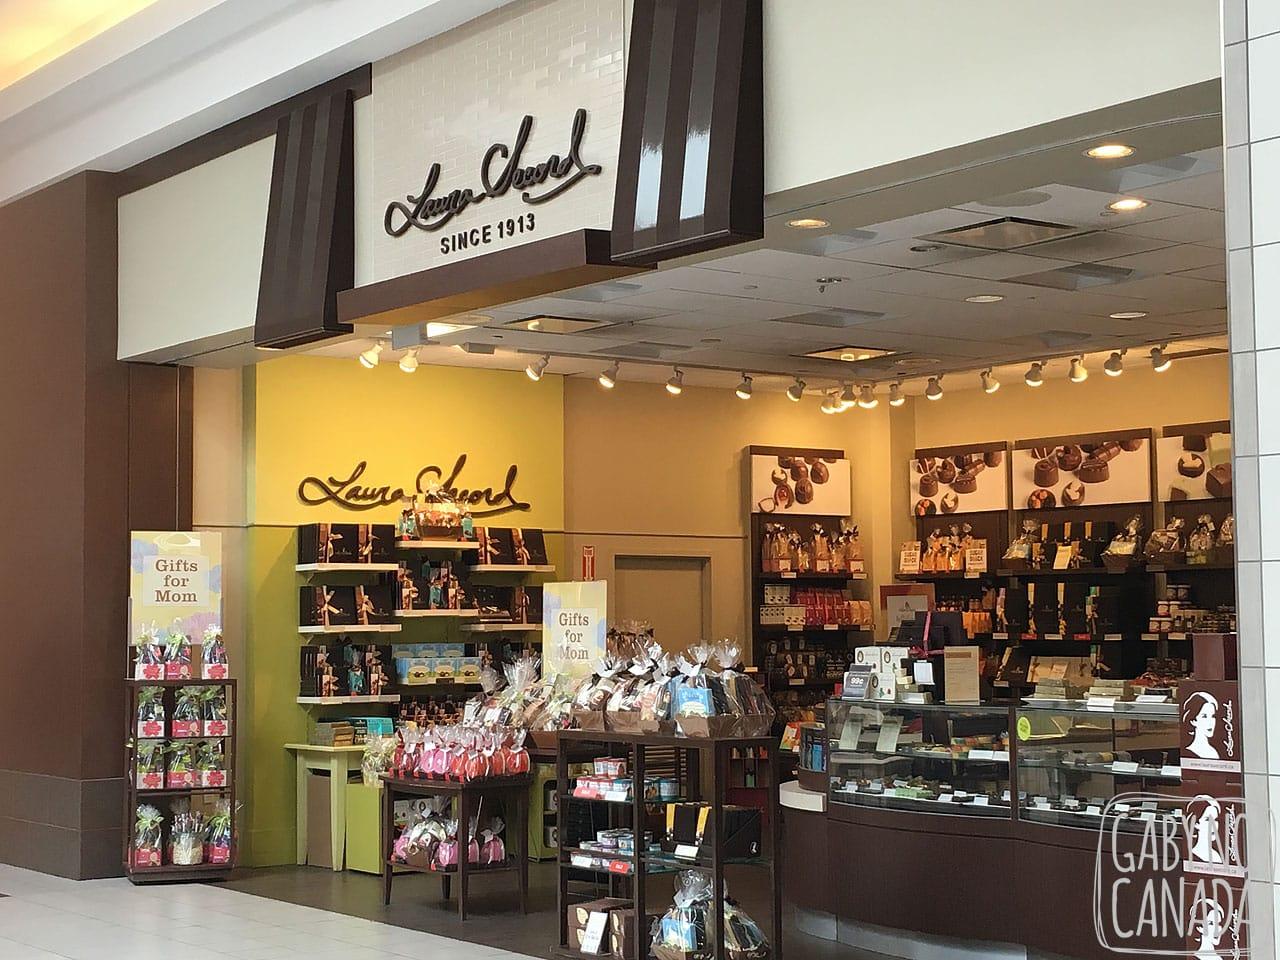 e0023abaf Laura Secord é uma loja de chocolates e sorvetes maravilhosos que foi  fundada em 1913 por Frank P. O Connor